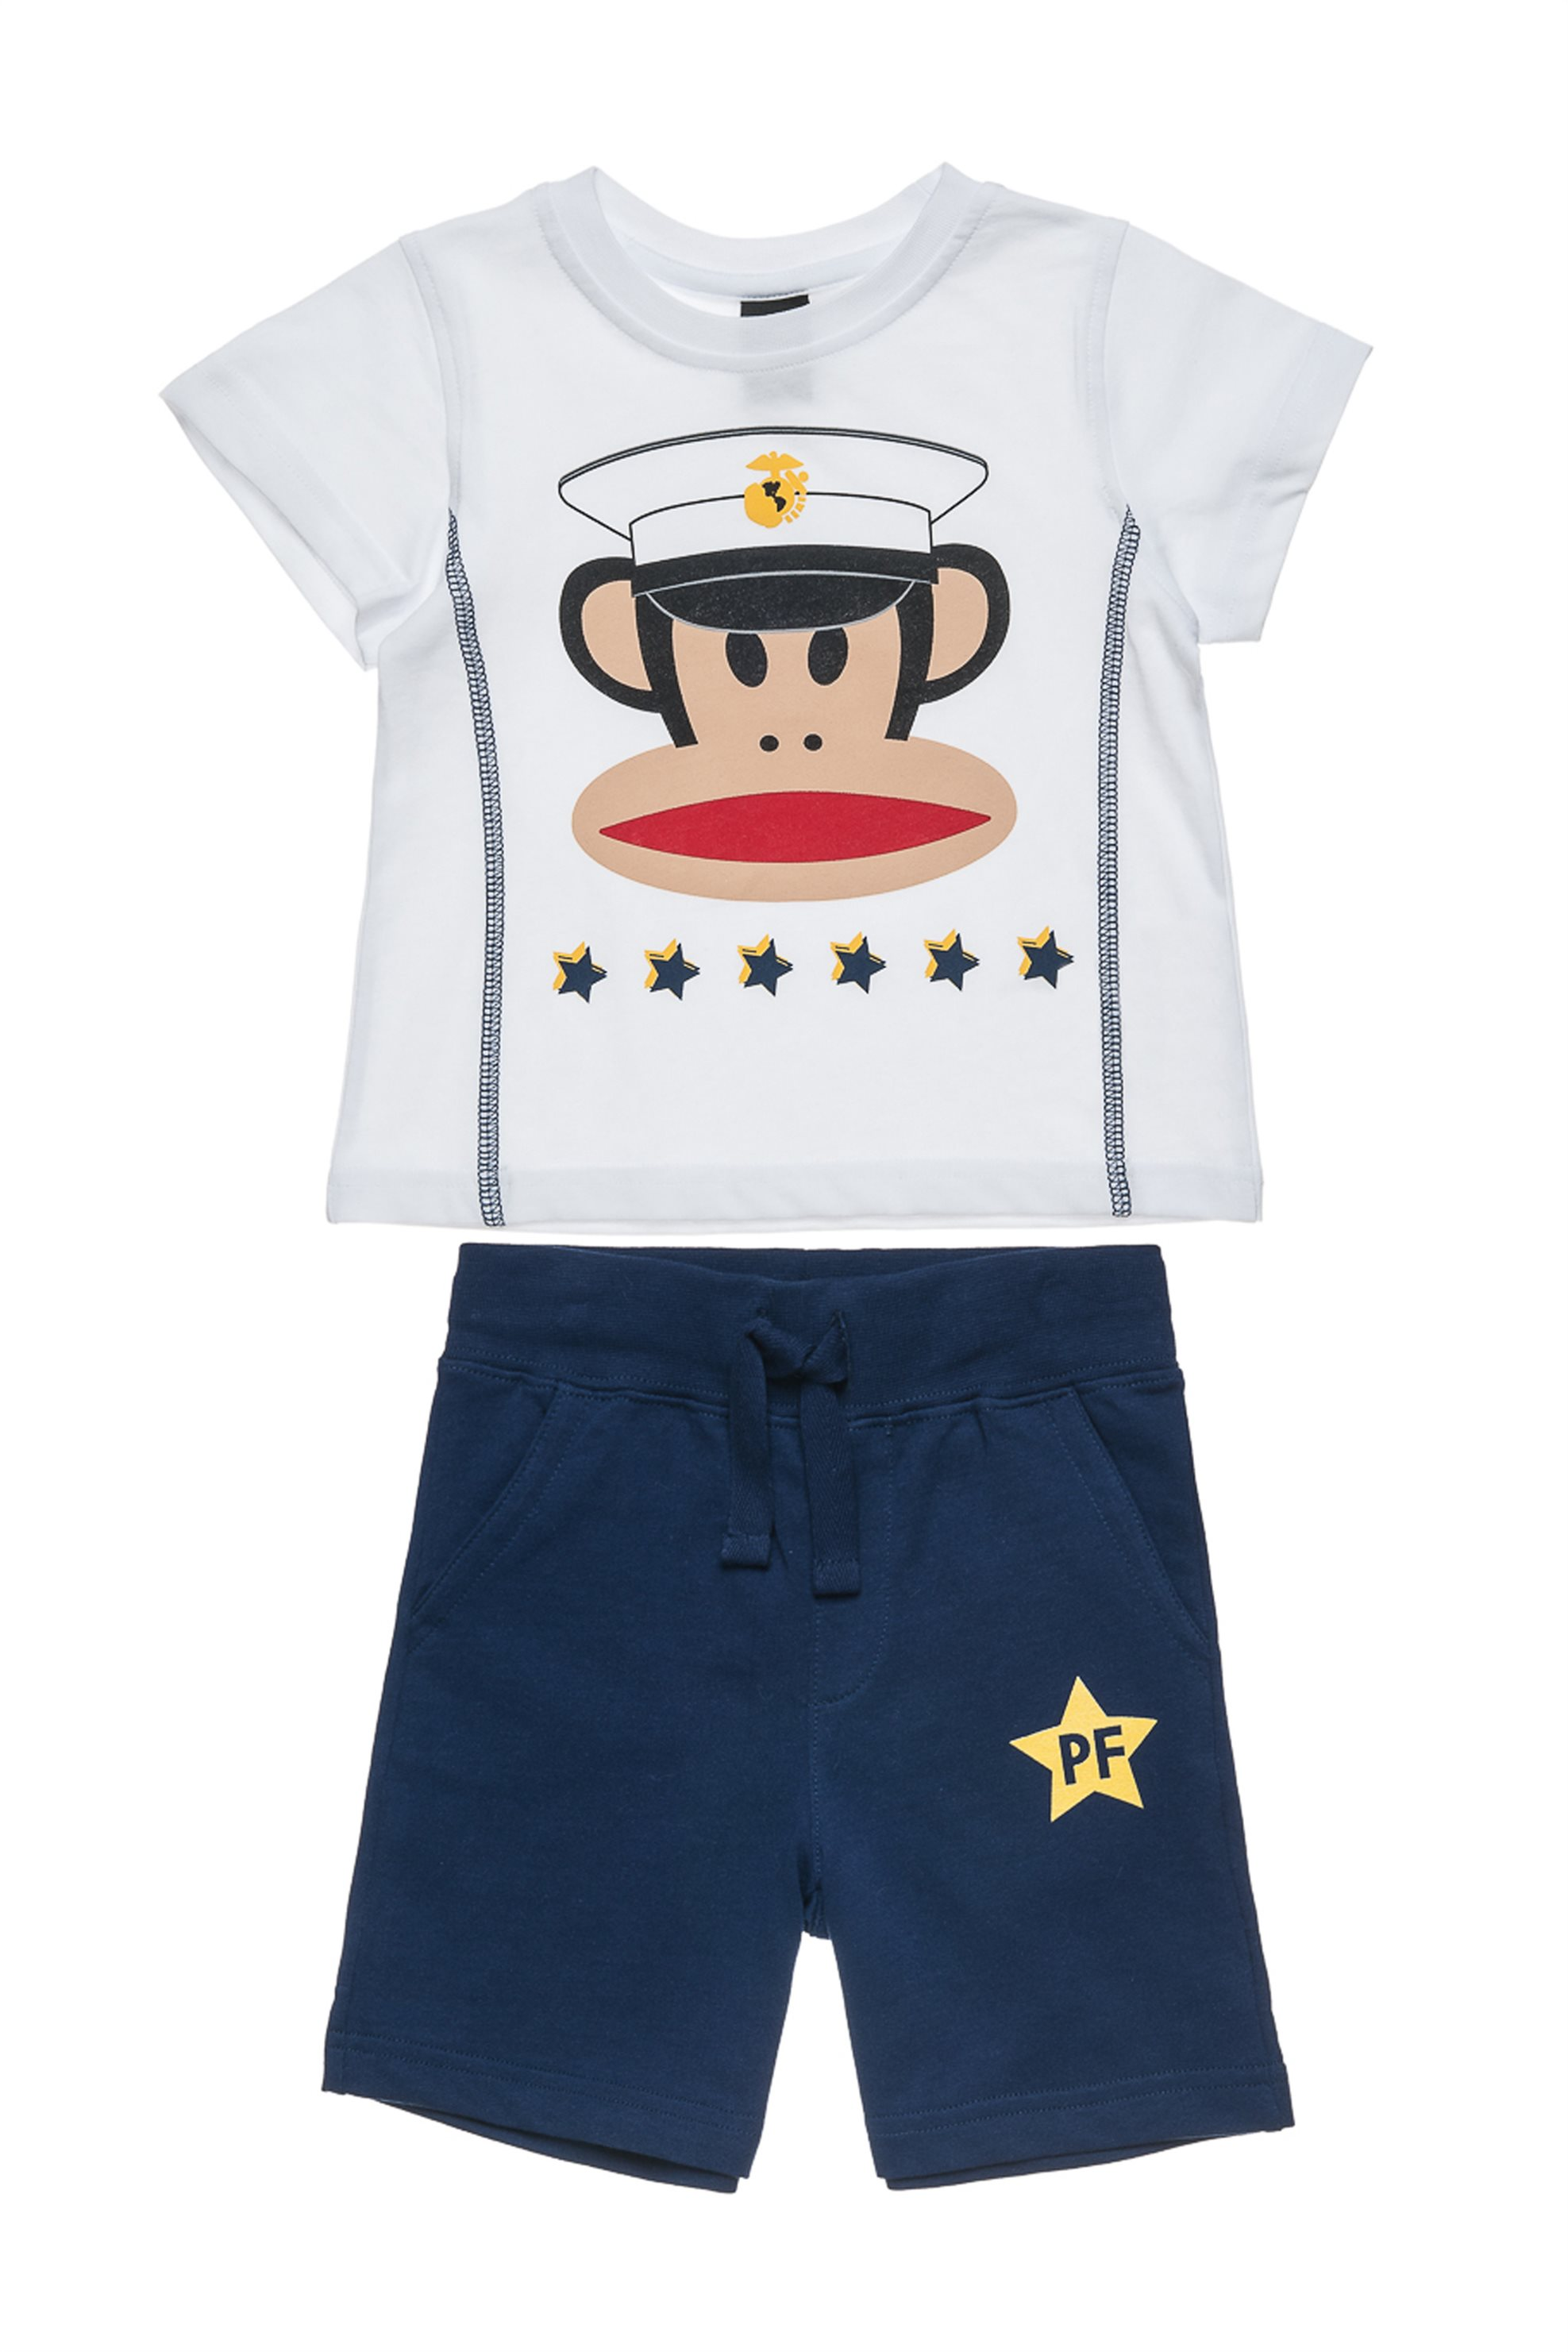 Βρεφικό σετ T-shirt και βερμούδα (Αγόρι 12 μηνών-5 ετών) Paul Frank Collection - παιδι   βρεφικα αγορι   0 3 ετων   αγορι   4 14 ετων   ρούχα   σετ ρούχων   σετ